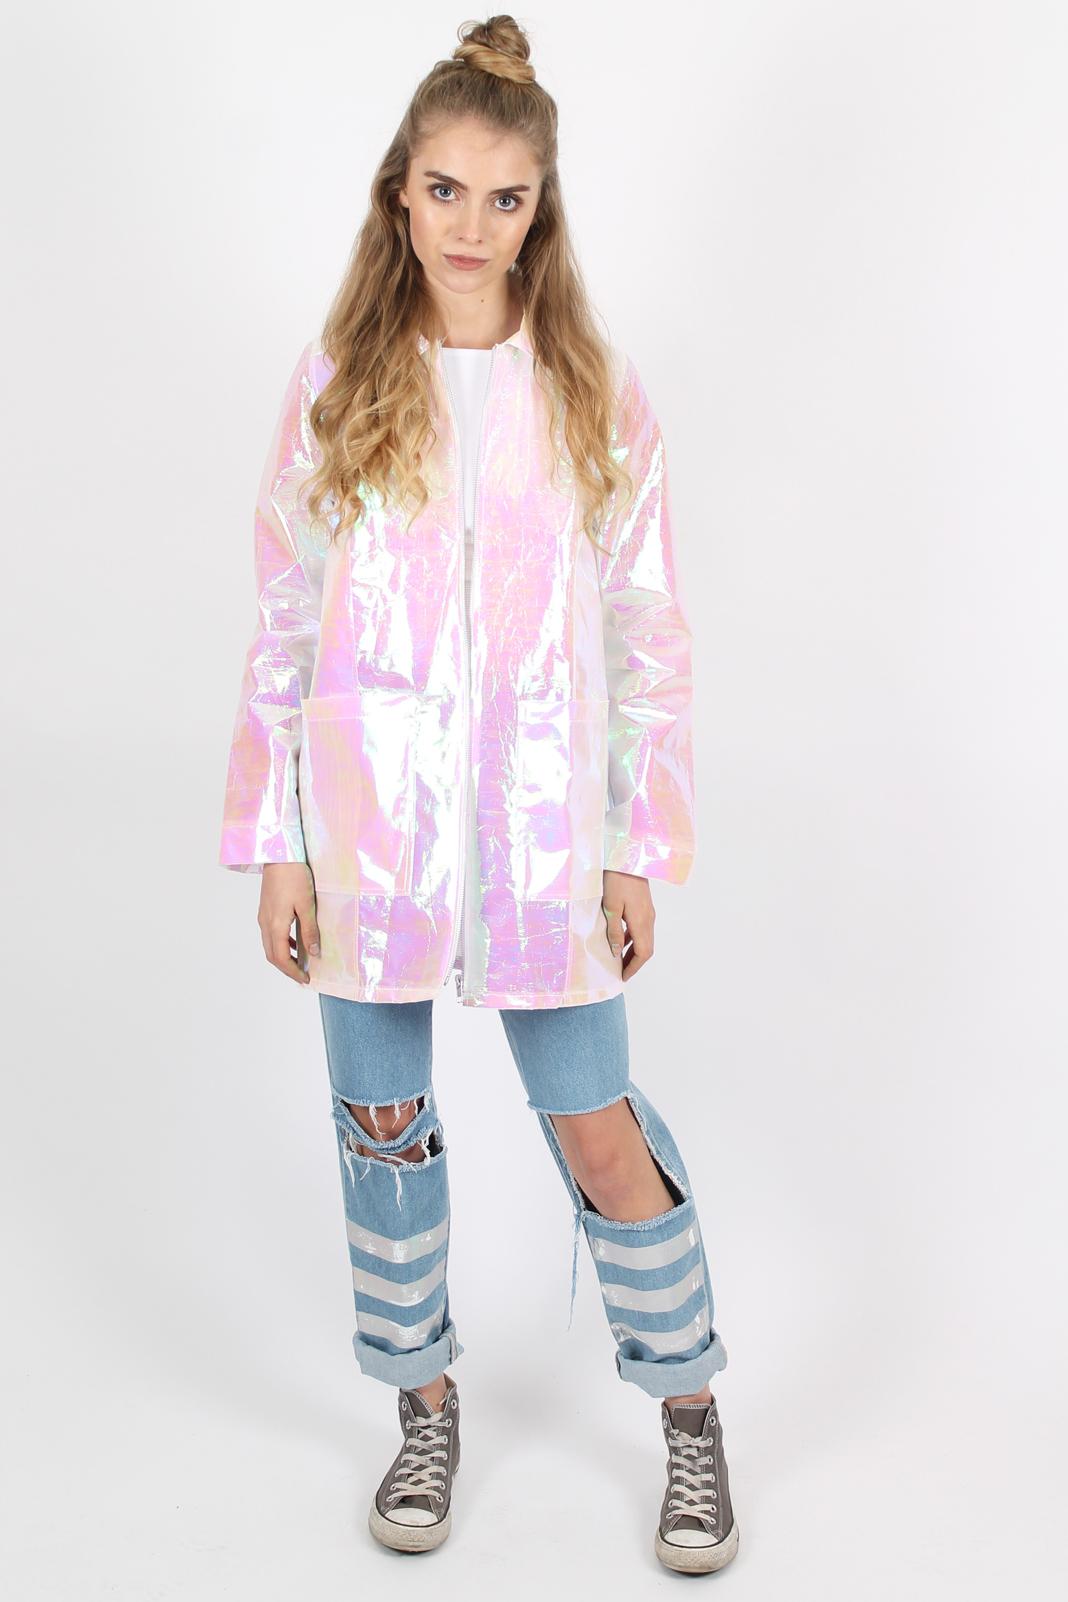 Misty swing jacket